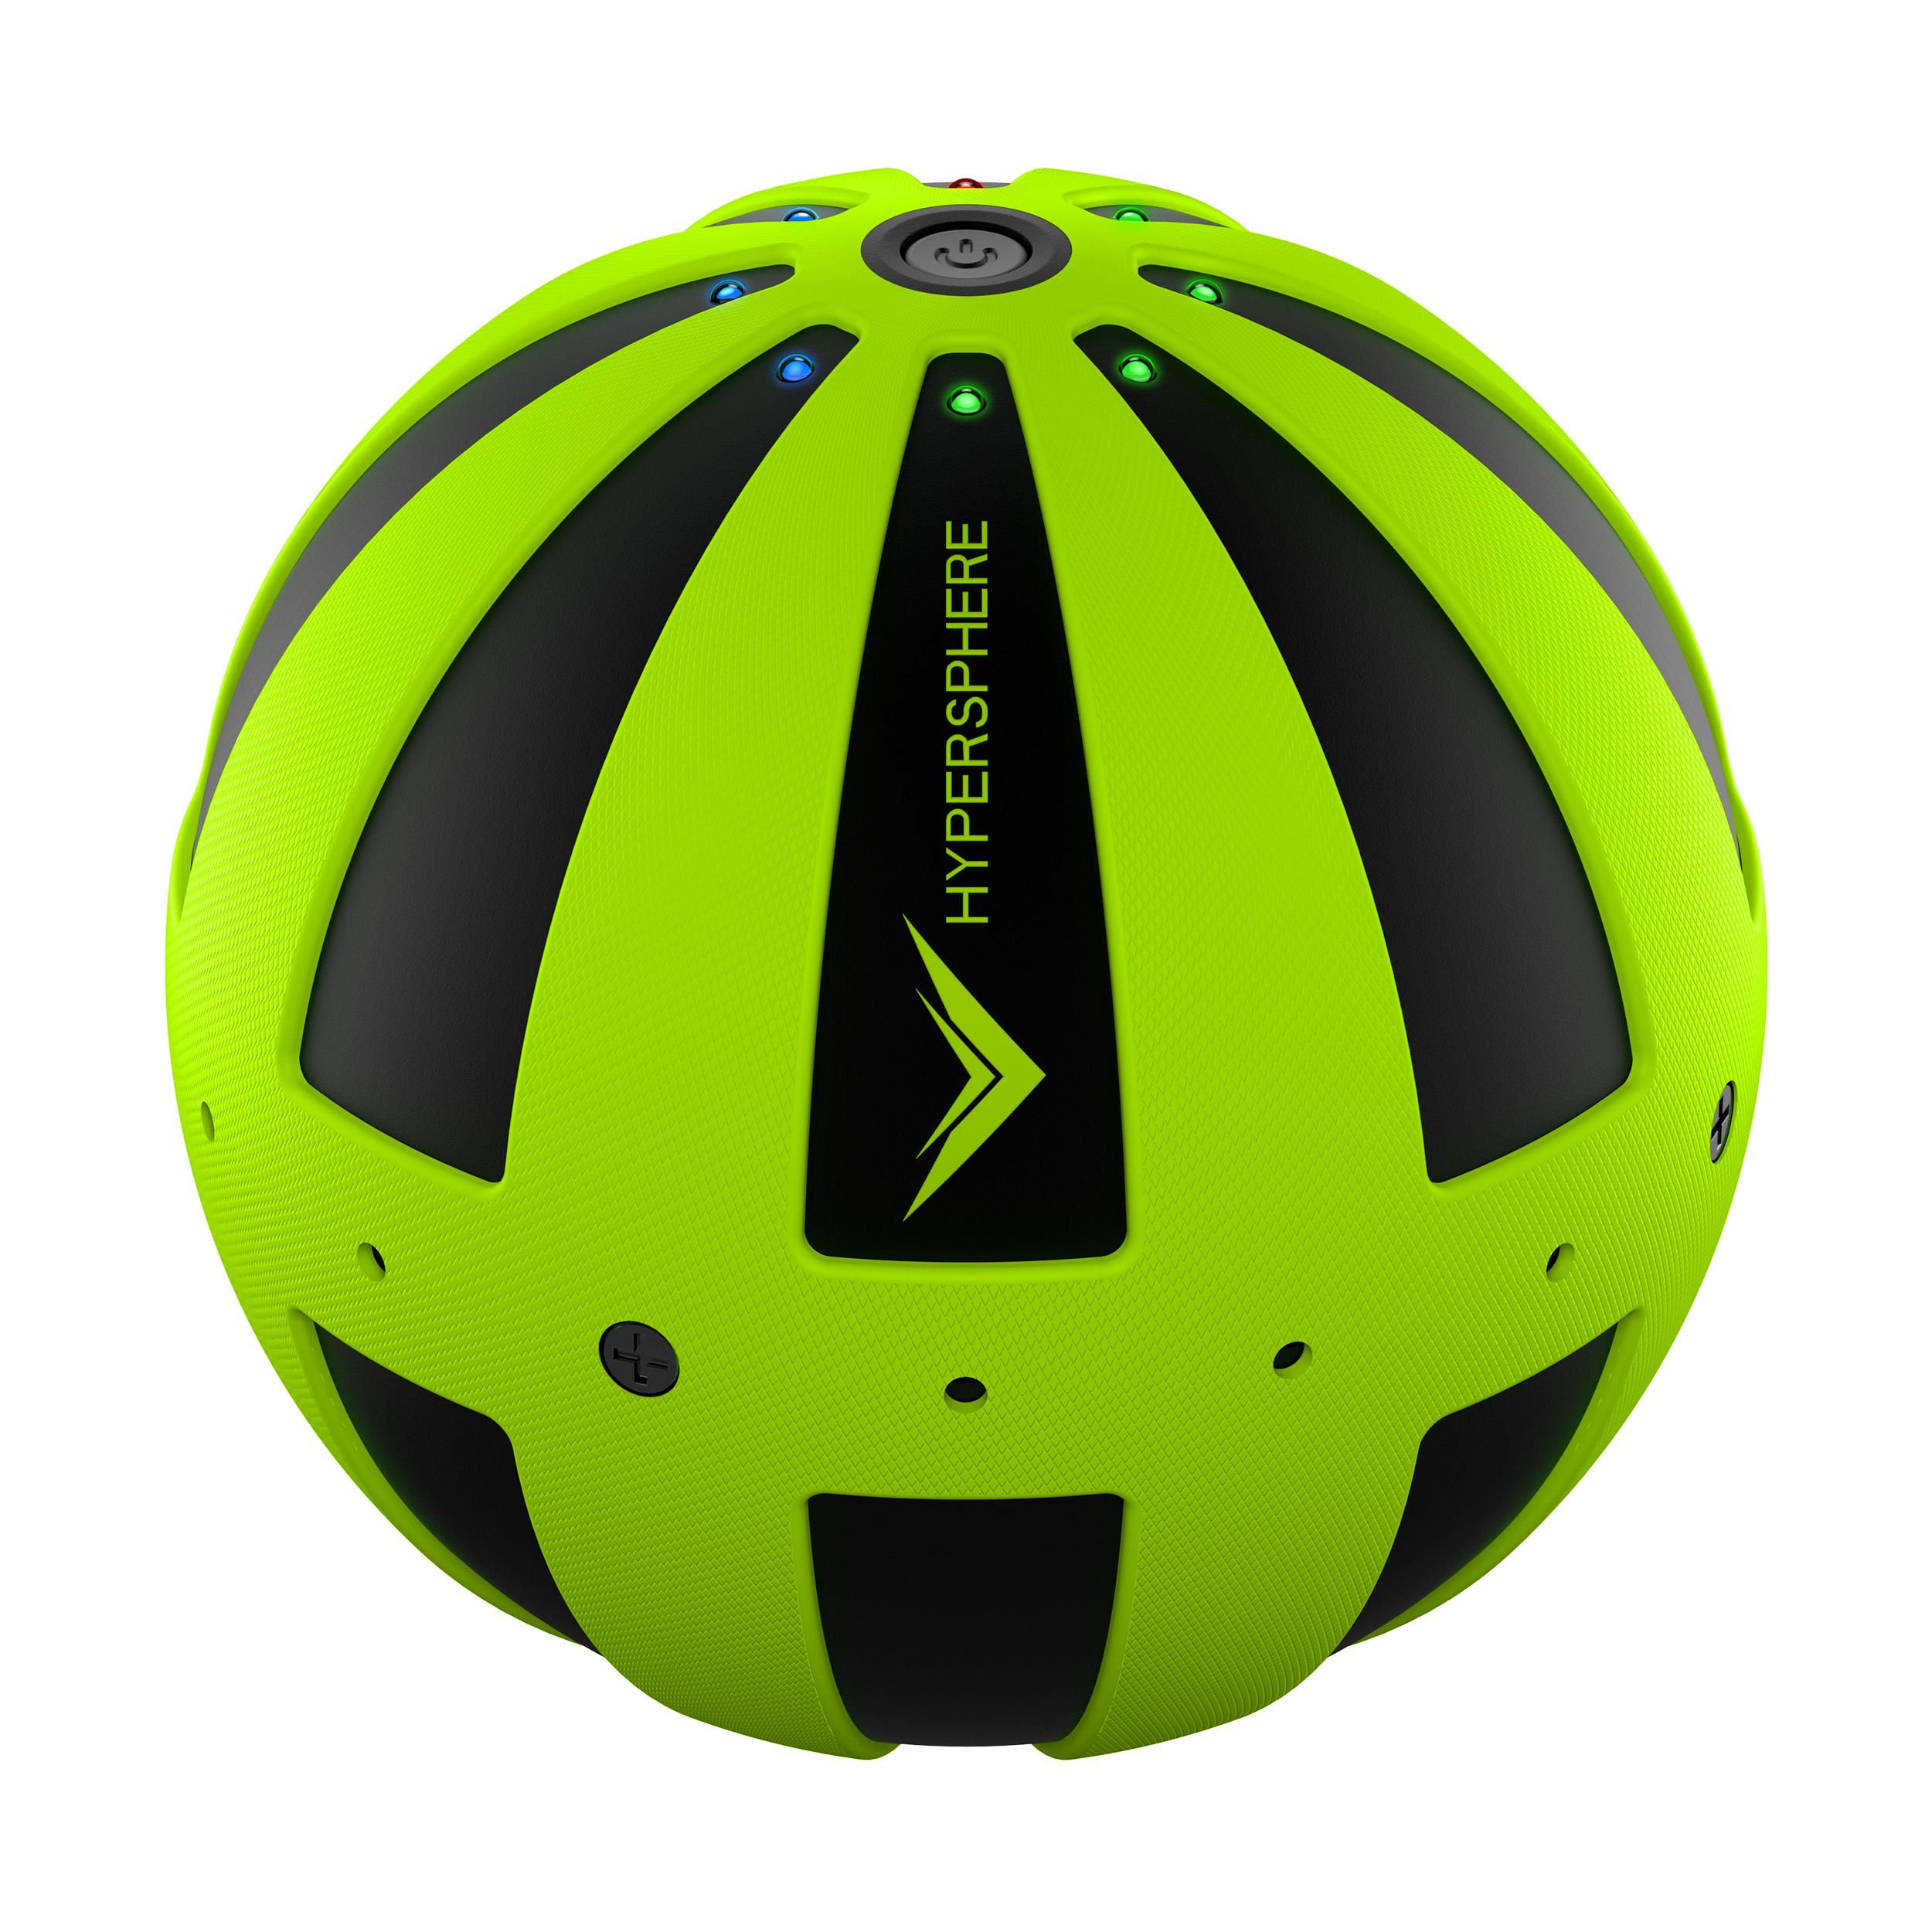 توپ لرزشی هایپر آیس مدل هایپراسفیر